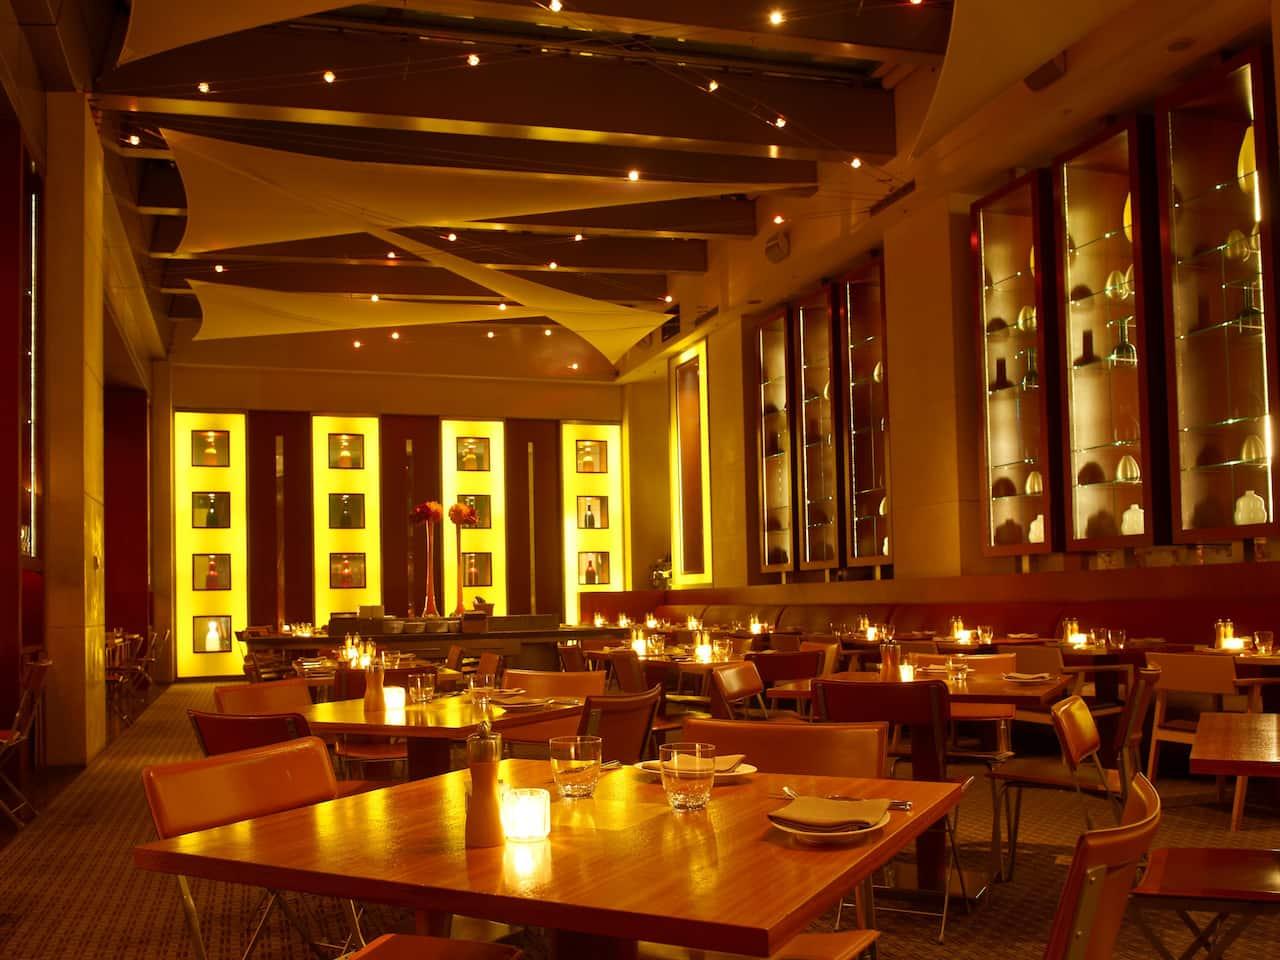 Fiorentina, Italian Café dining interior